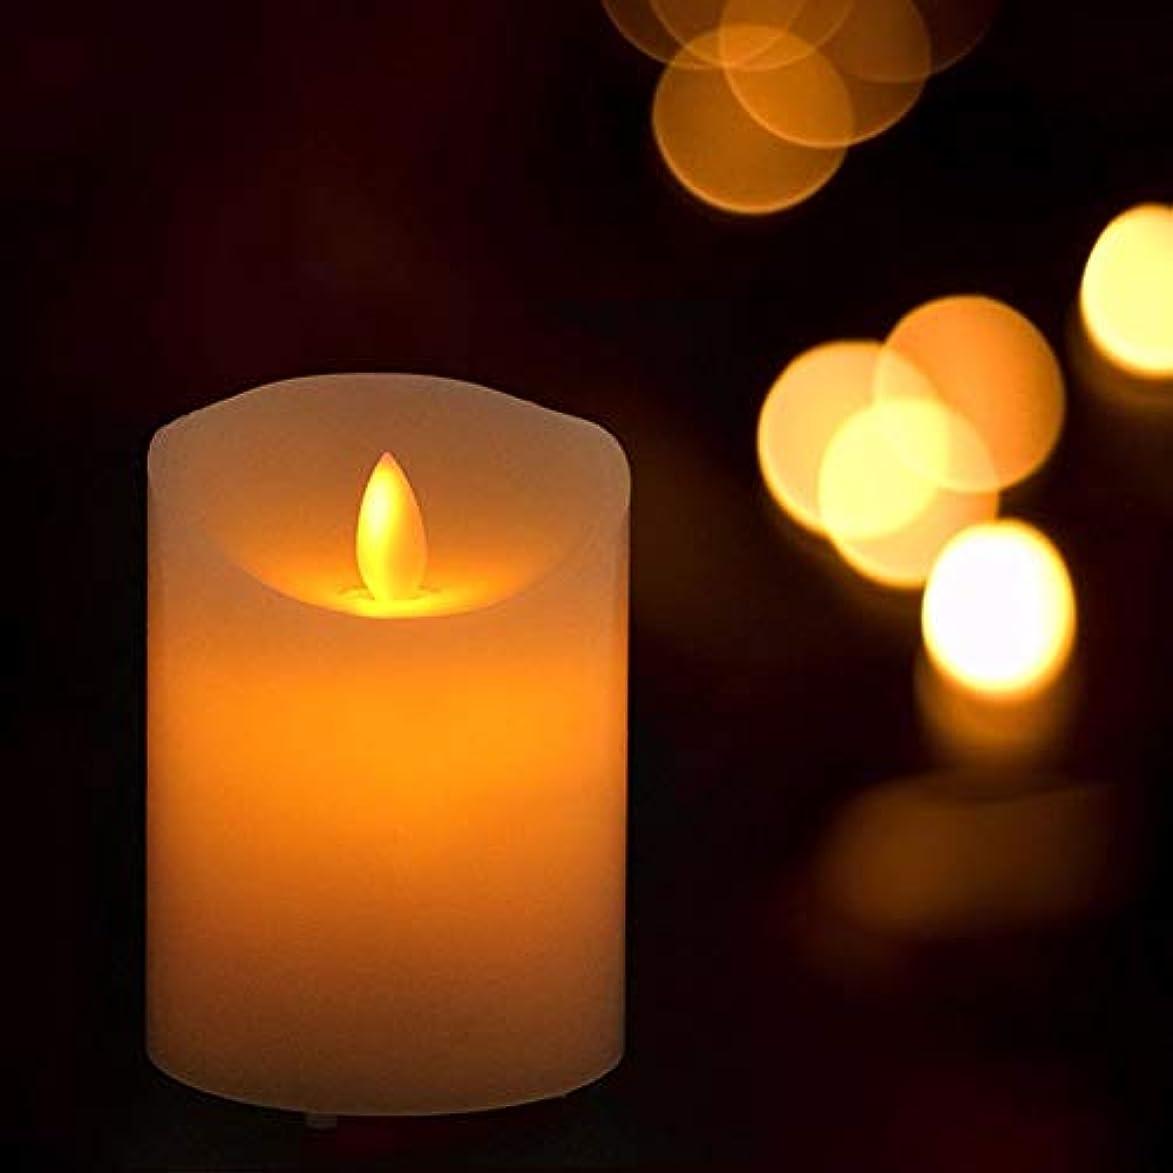 つづり致命的な怖がらせるSalinr LED キャンドルライト キャンドル ライト 揺らぐ炎 専用リモコン付き フレームレス 無煙蝋燭 クリスマス/パーティー/結婚式/誕生日用 火を使わない 安全 省エネ 長持ち 便利 おしゃれ 結婚式 誕生日 室内 室外飾り インテリアライト